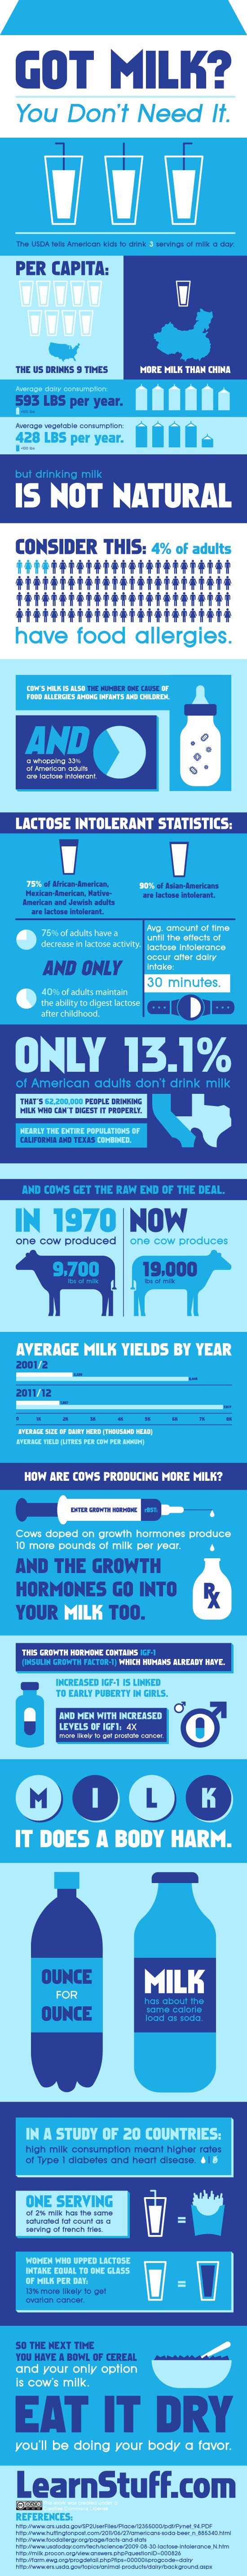 Milchkonsum